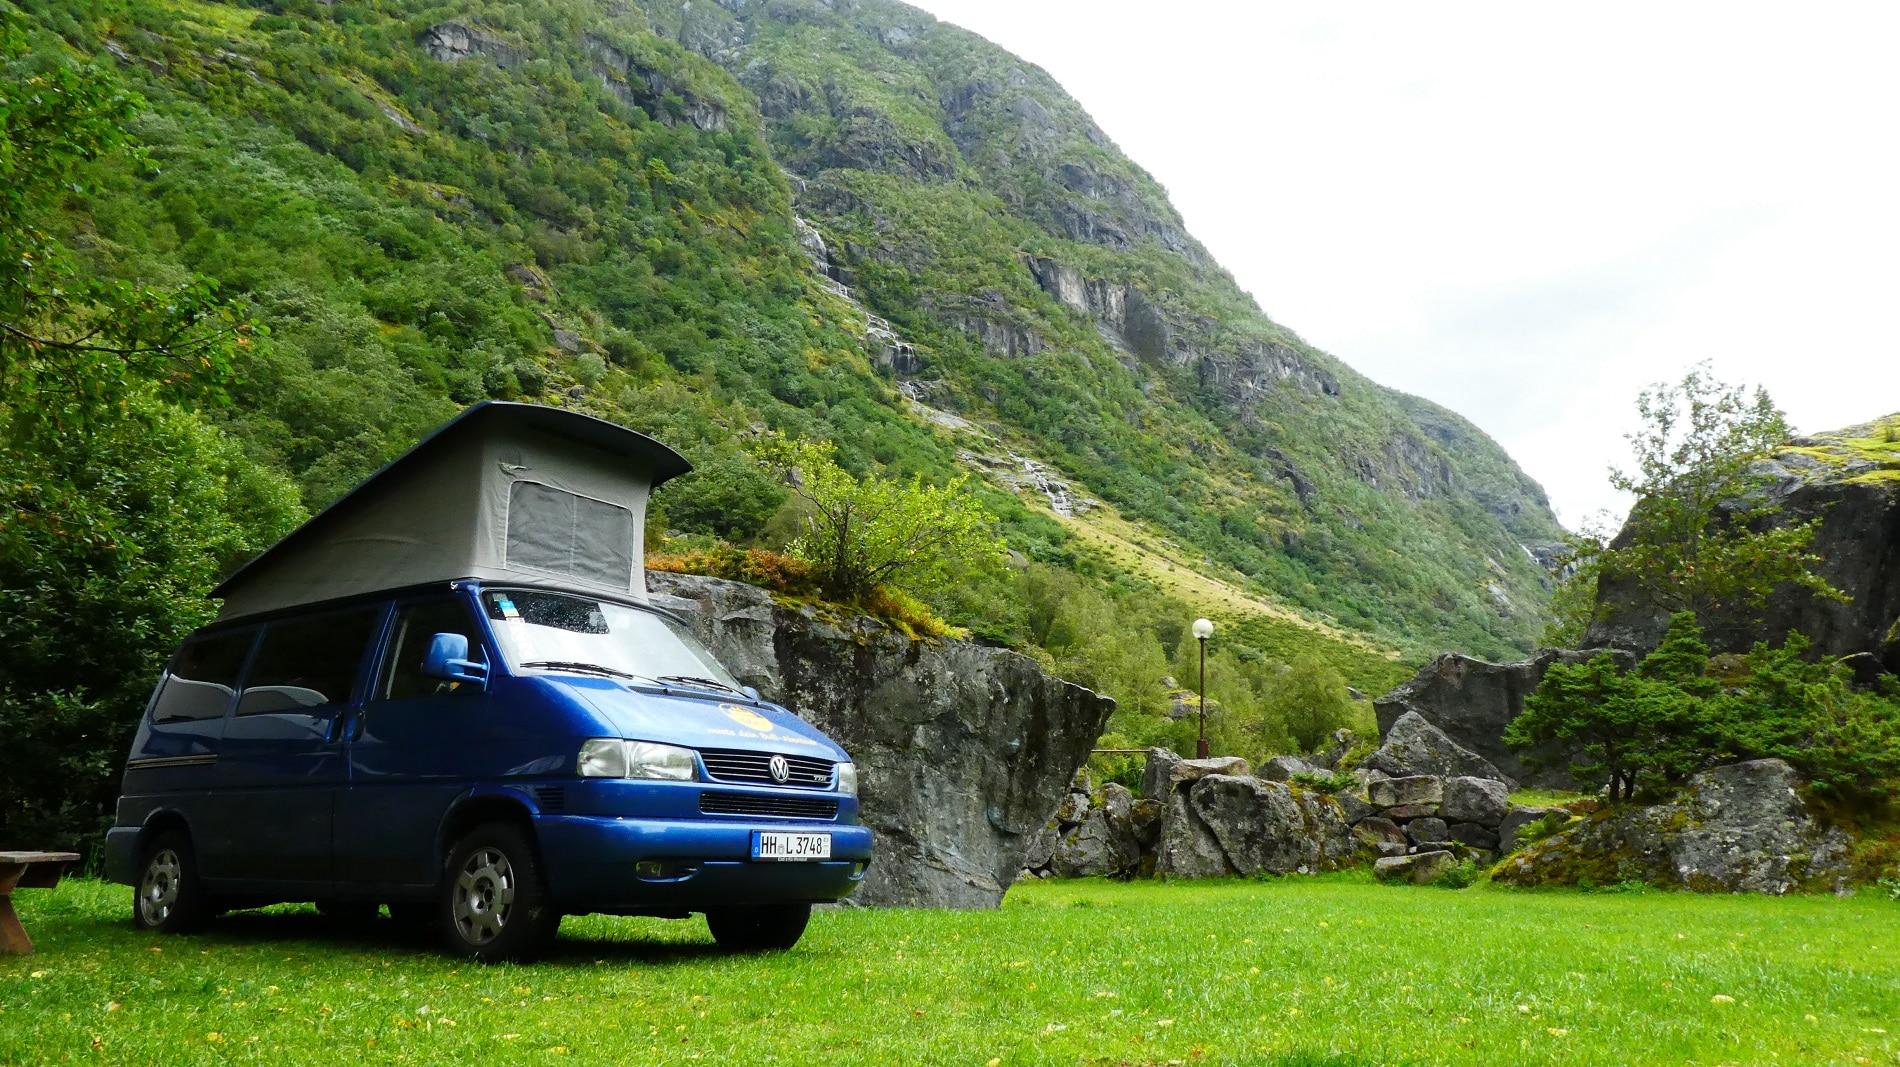 Briksdalsbreen in Norwegen Campingplatz